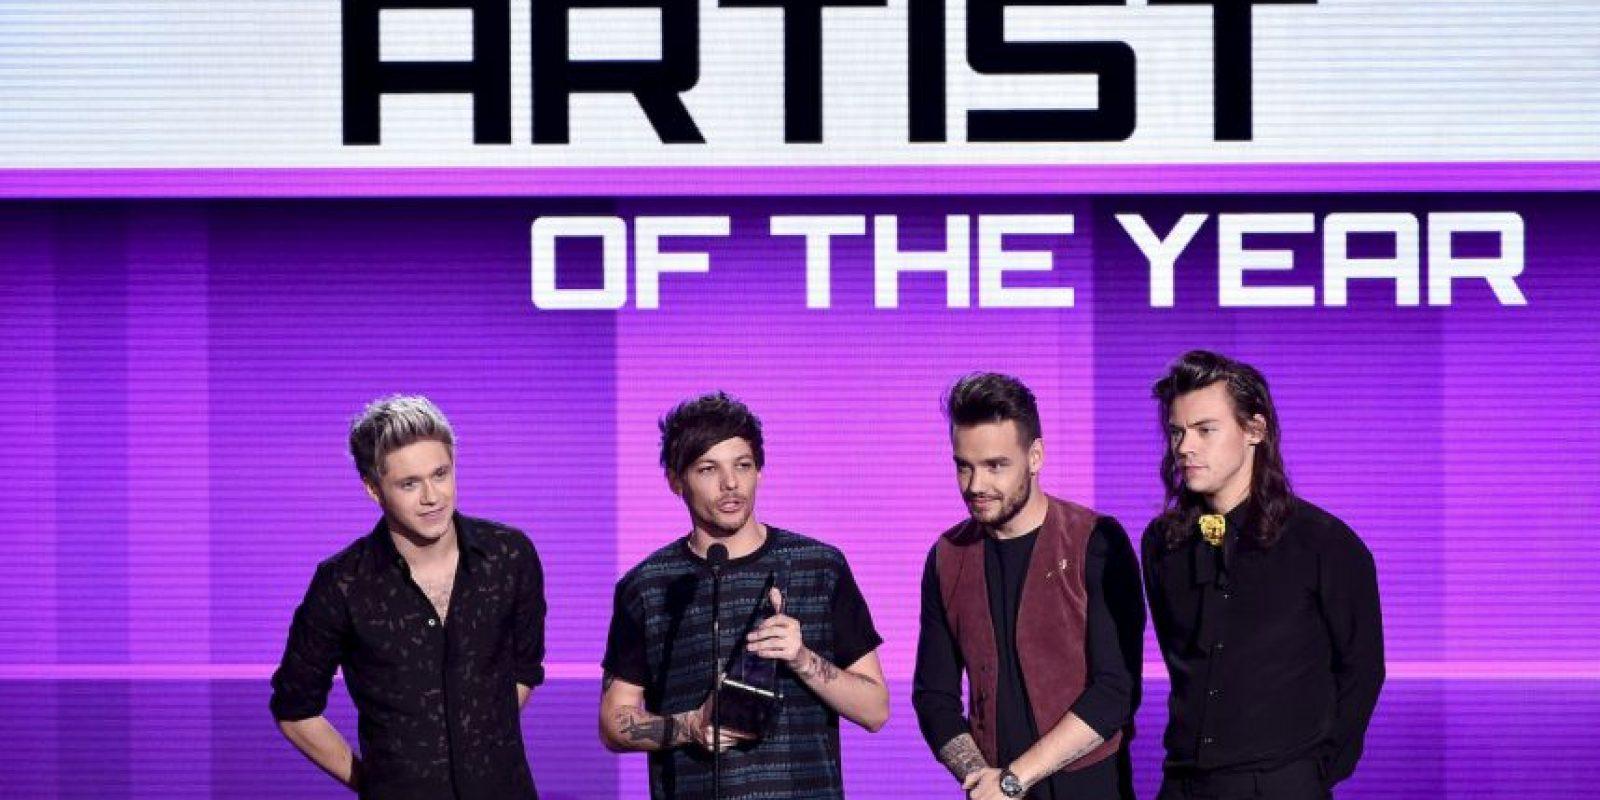 """La agrupación británica se impuso ante la cantante Taylor Swift en la categoría """"Artista del Año"""". Foto:Getty Images"""